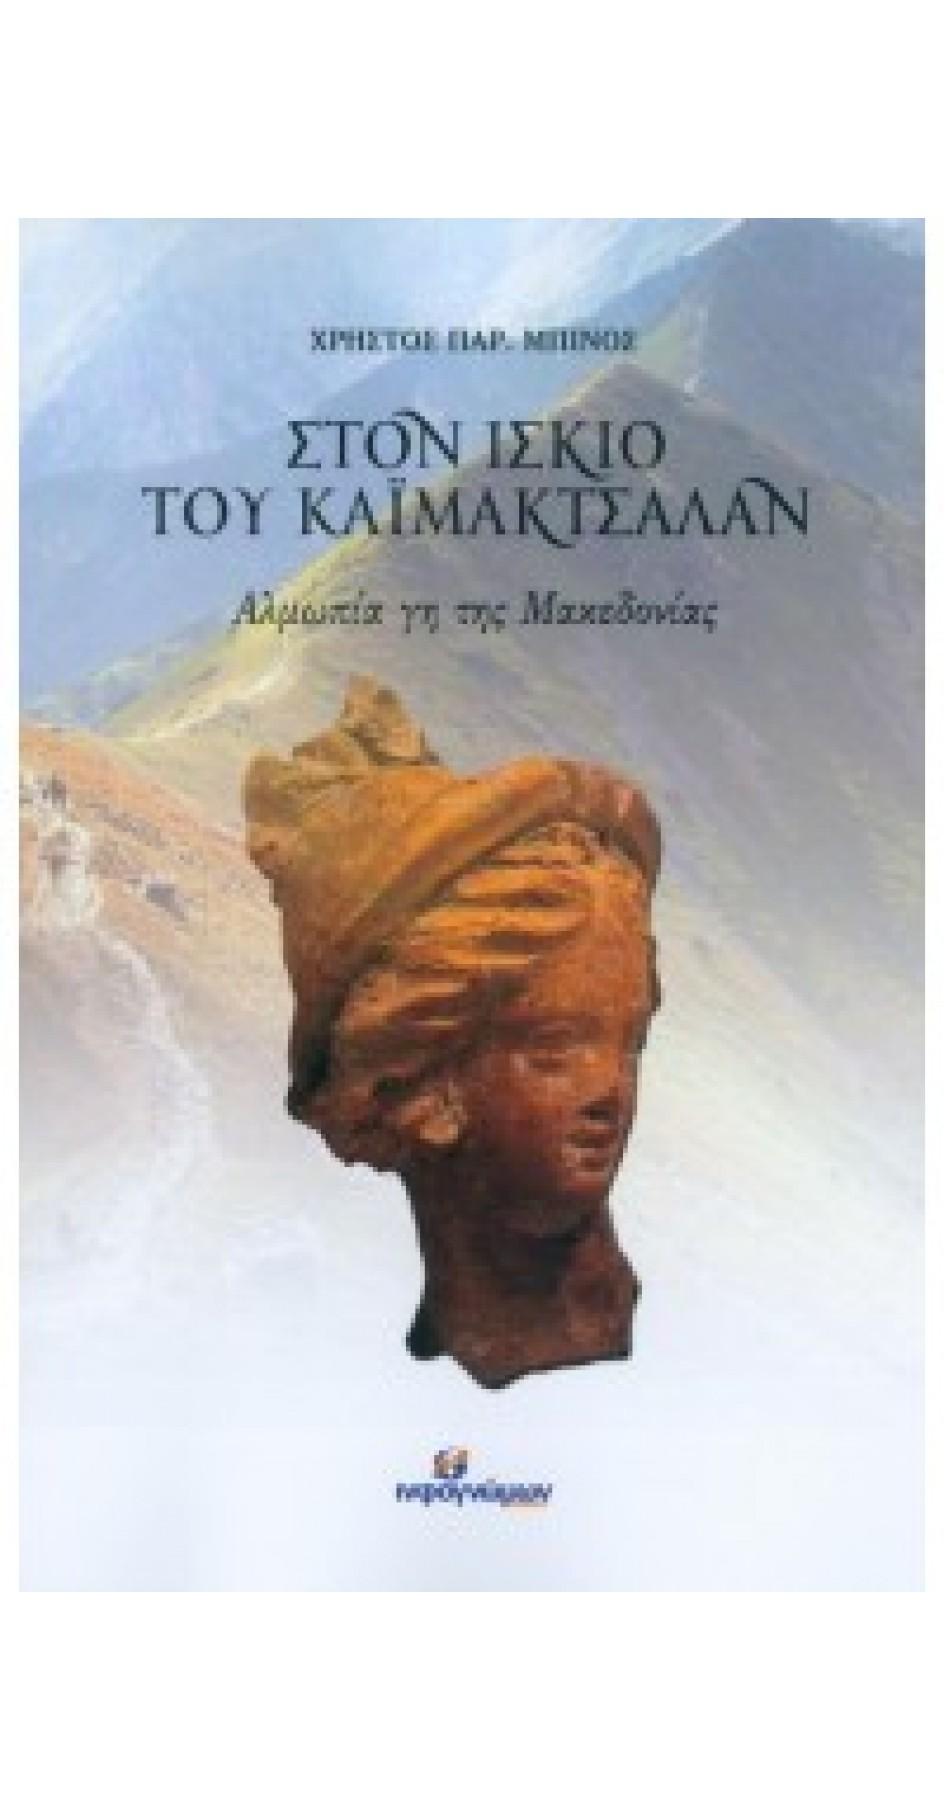 Στον Ίσκιο του Καϊμακτσαλάν (book in Greek)